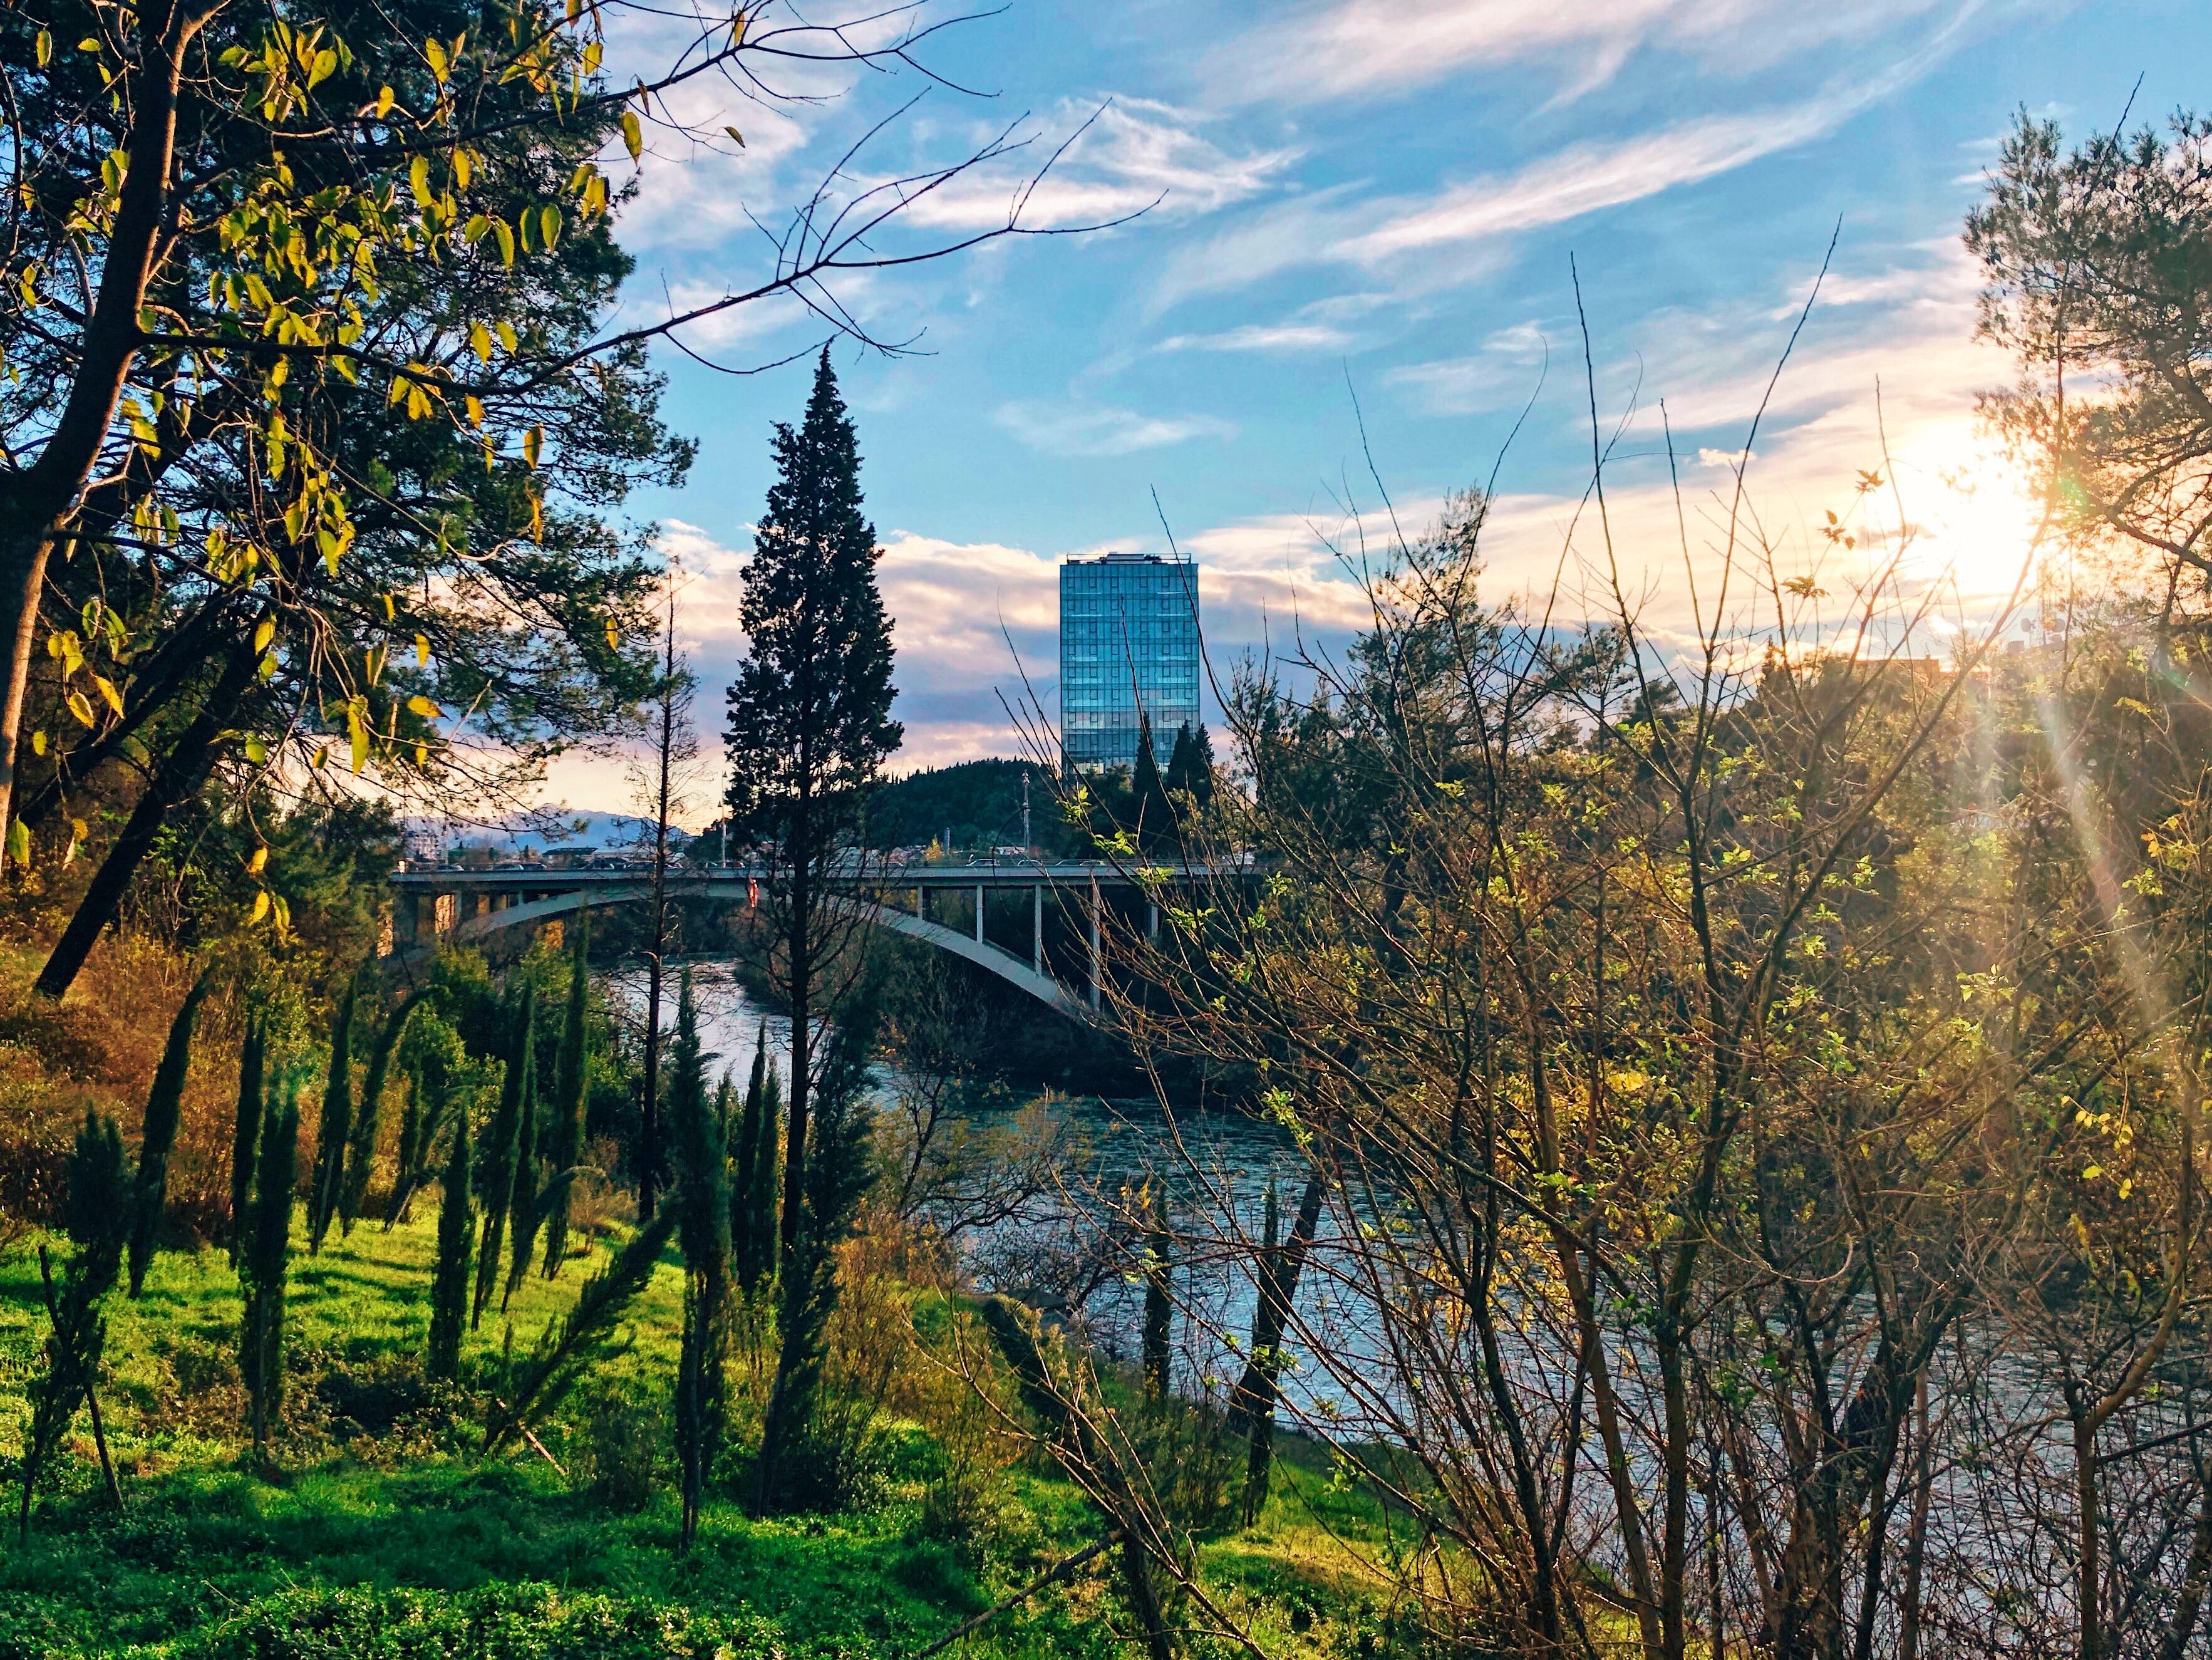 podgorica-town-monte-mare-travel